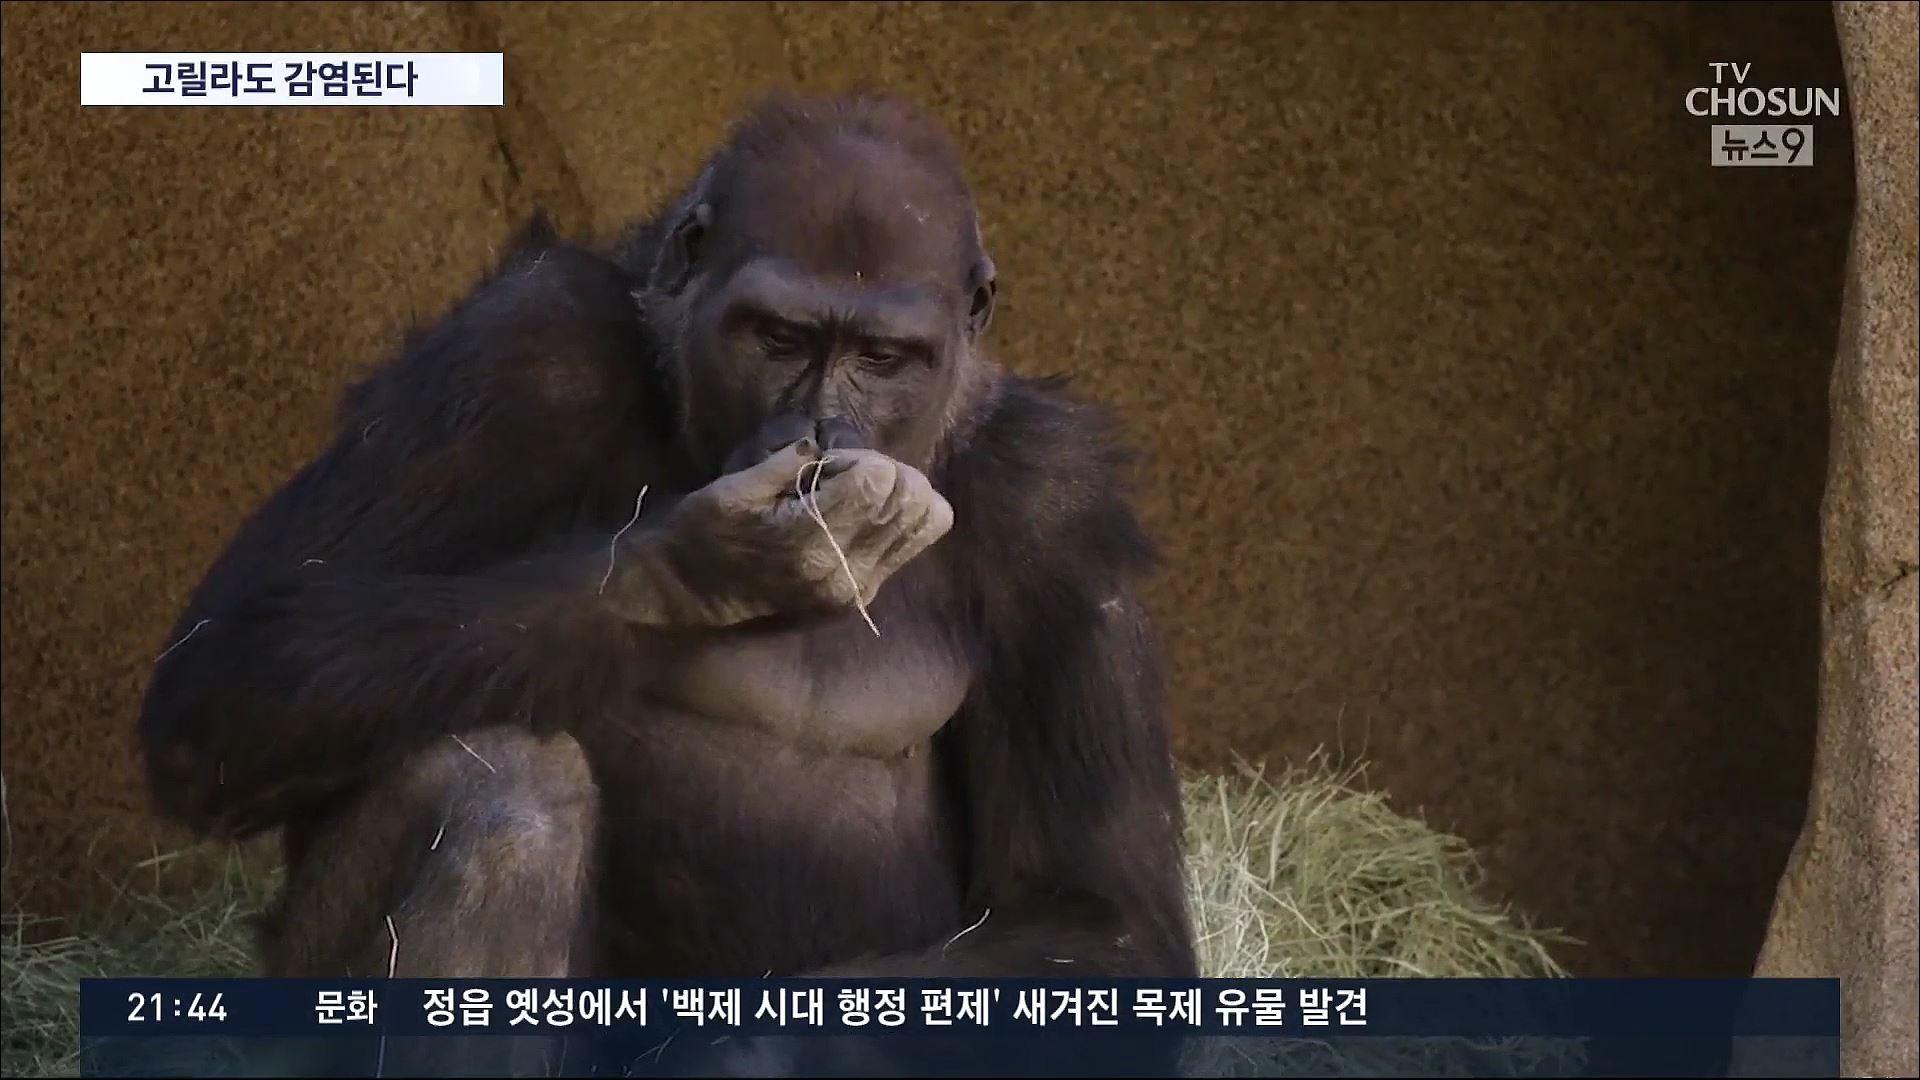 동물원 고릴라 코로나 양성…첫 영장류 감염, '직원한테 옮은 듯'